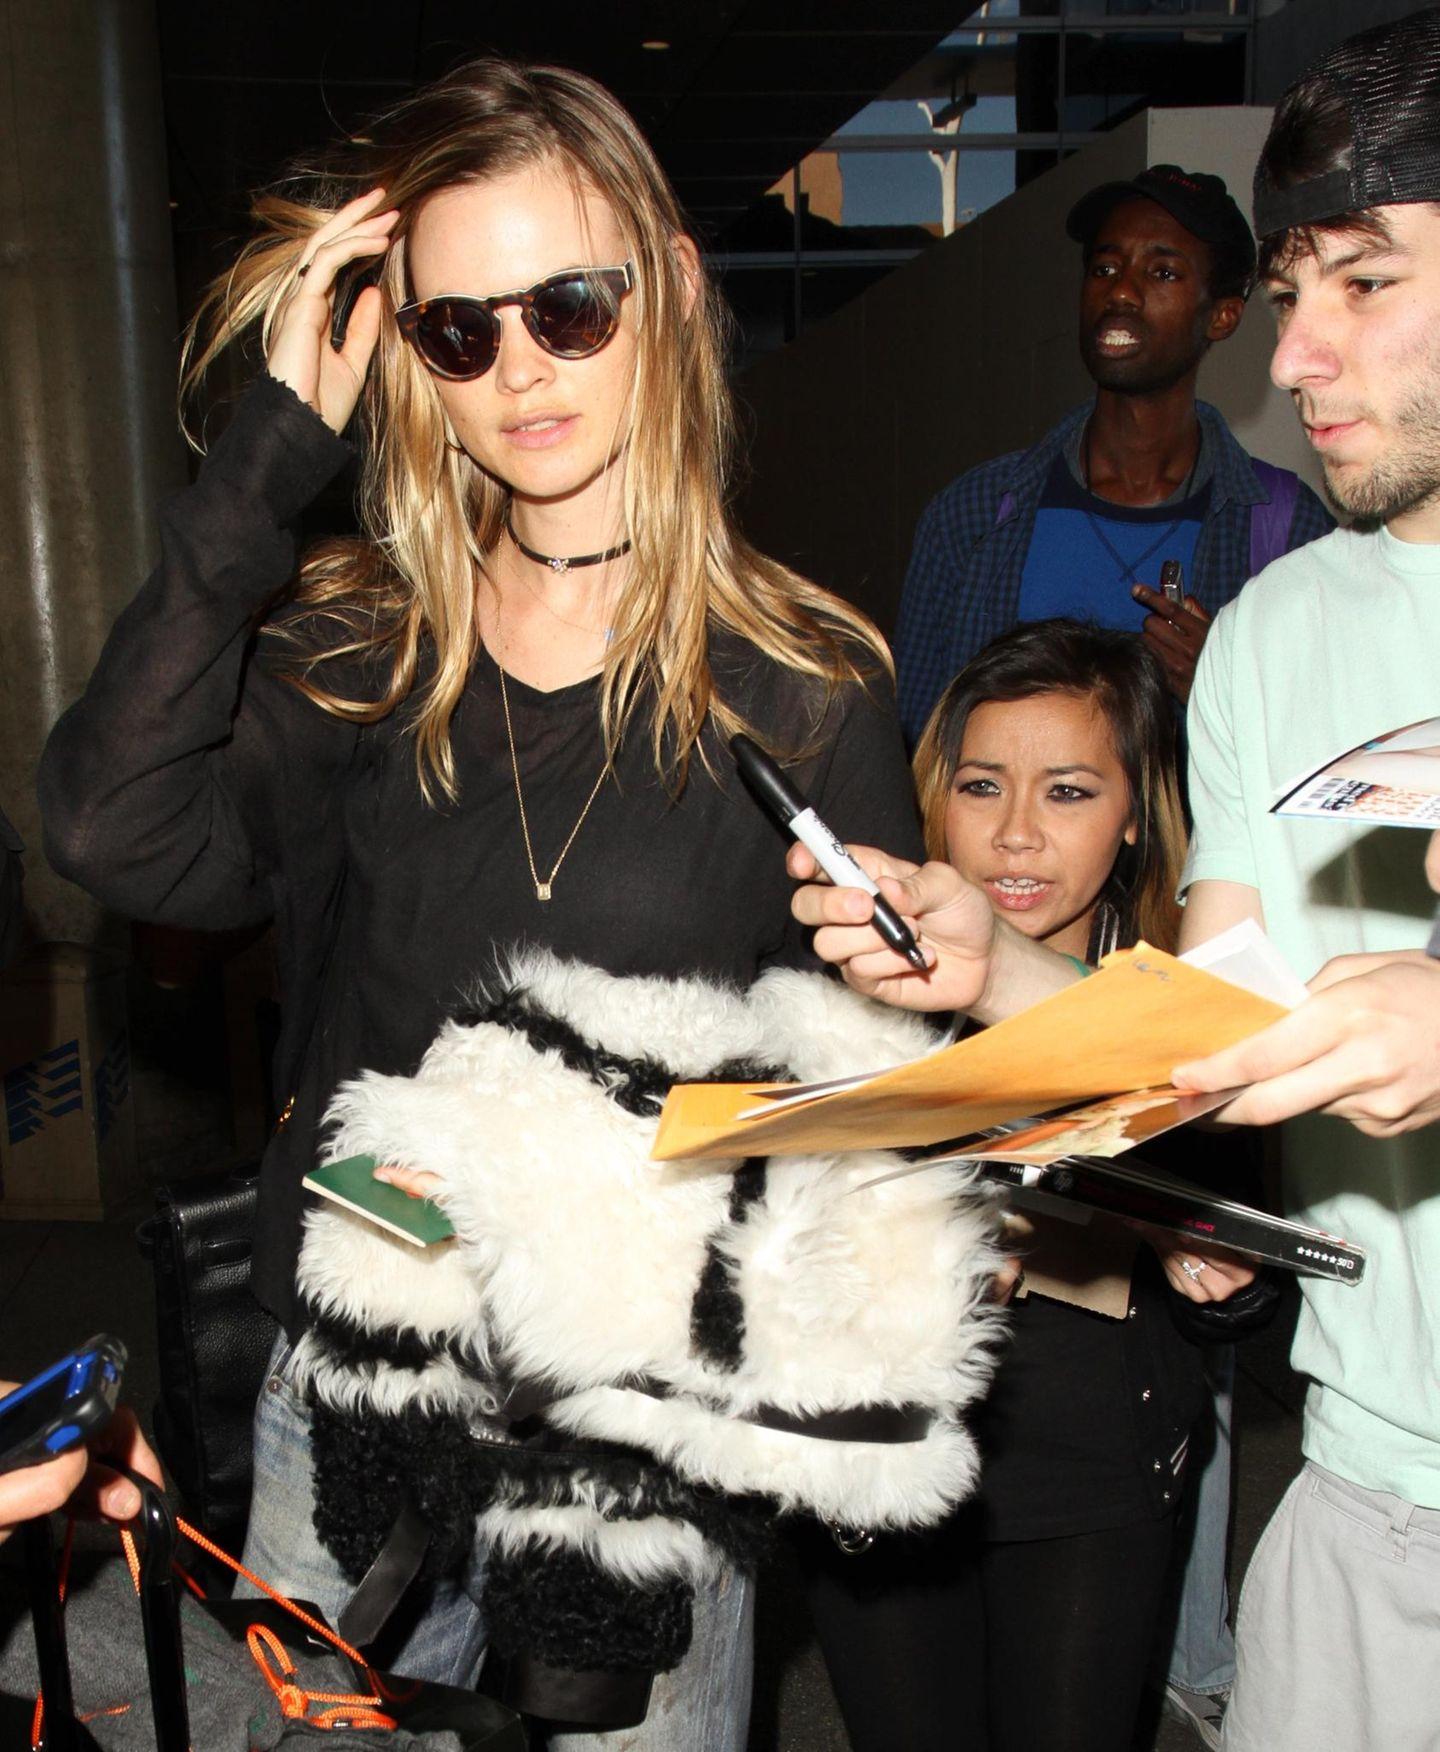 Der Victoria's Secret-Engel Behati Prinsloo sieht bei der Ankunft in Los Angeles etwas gestresst aus. Zahlreiche Fans bitten sie um eine Autogramm.